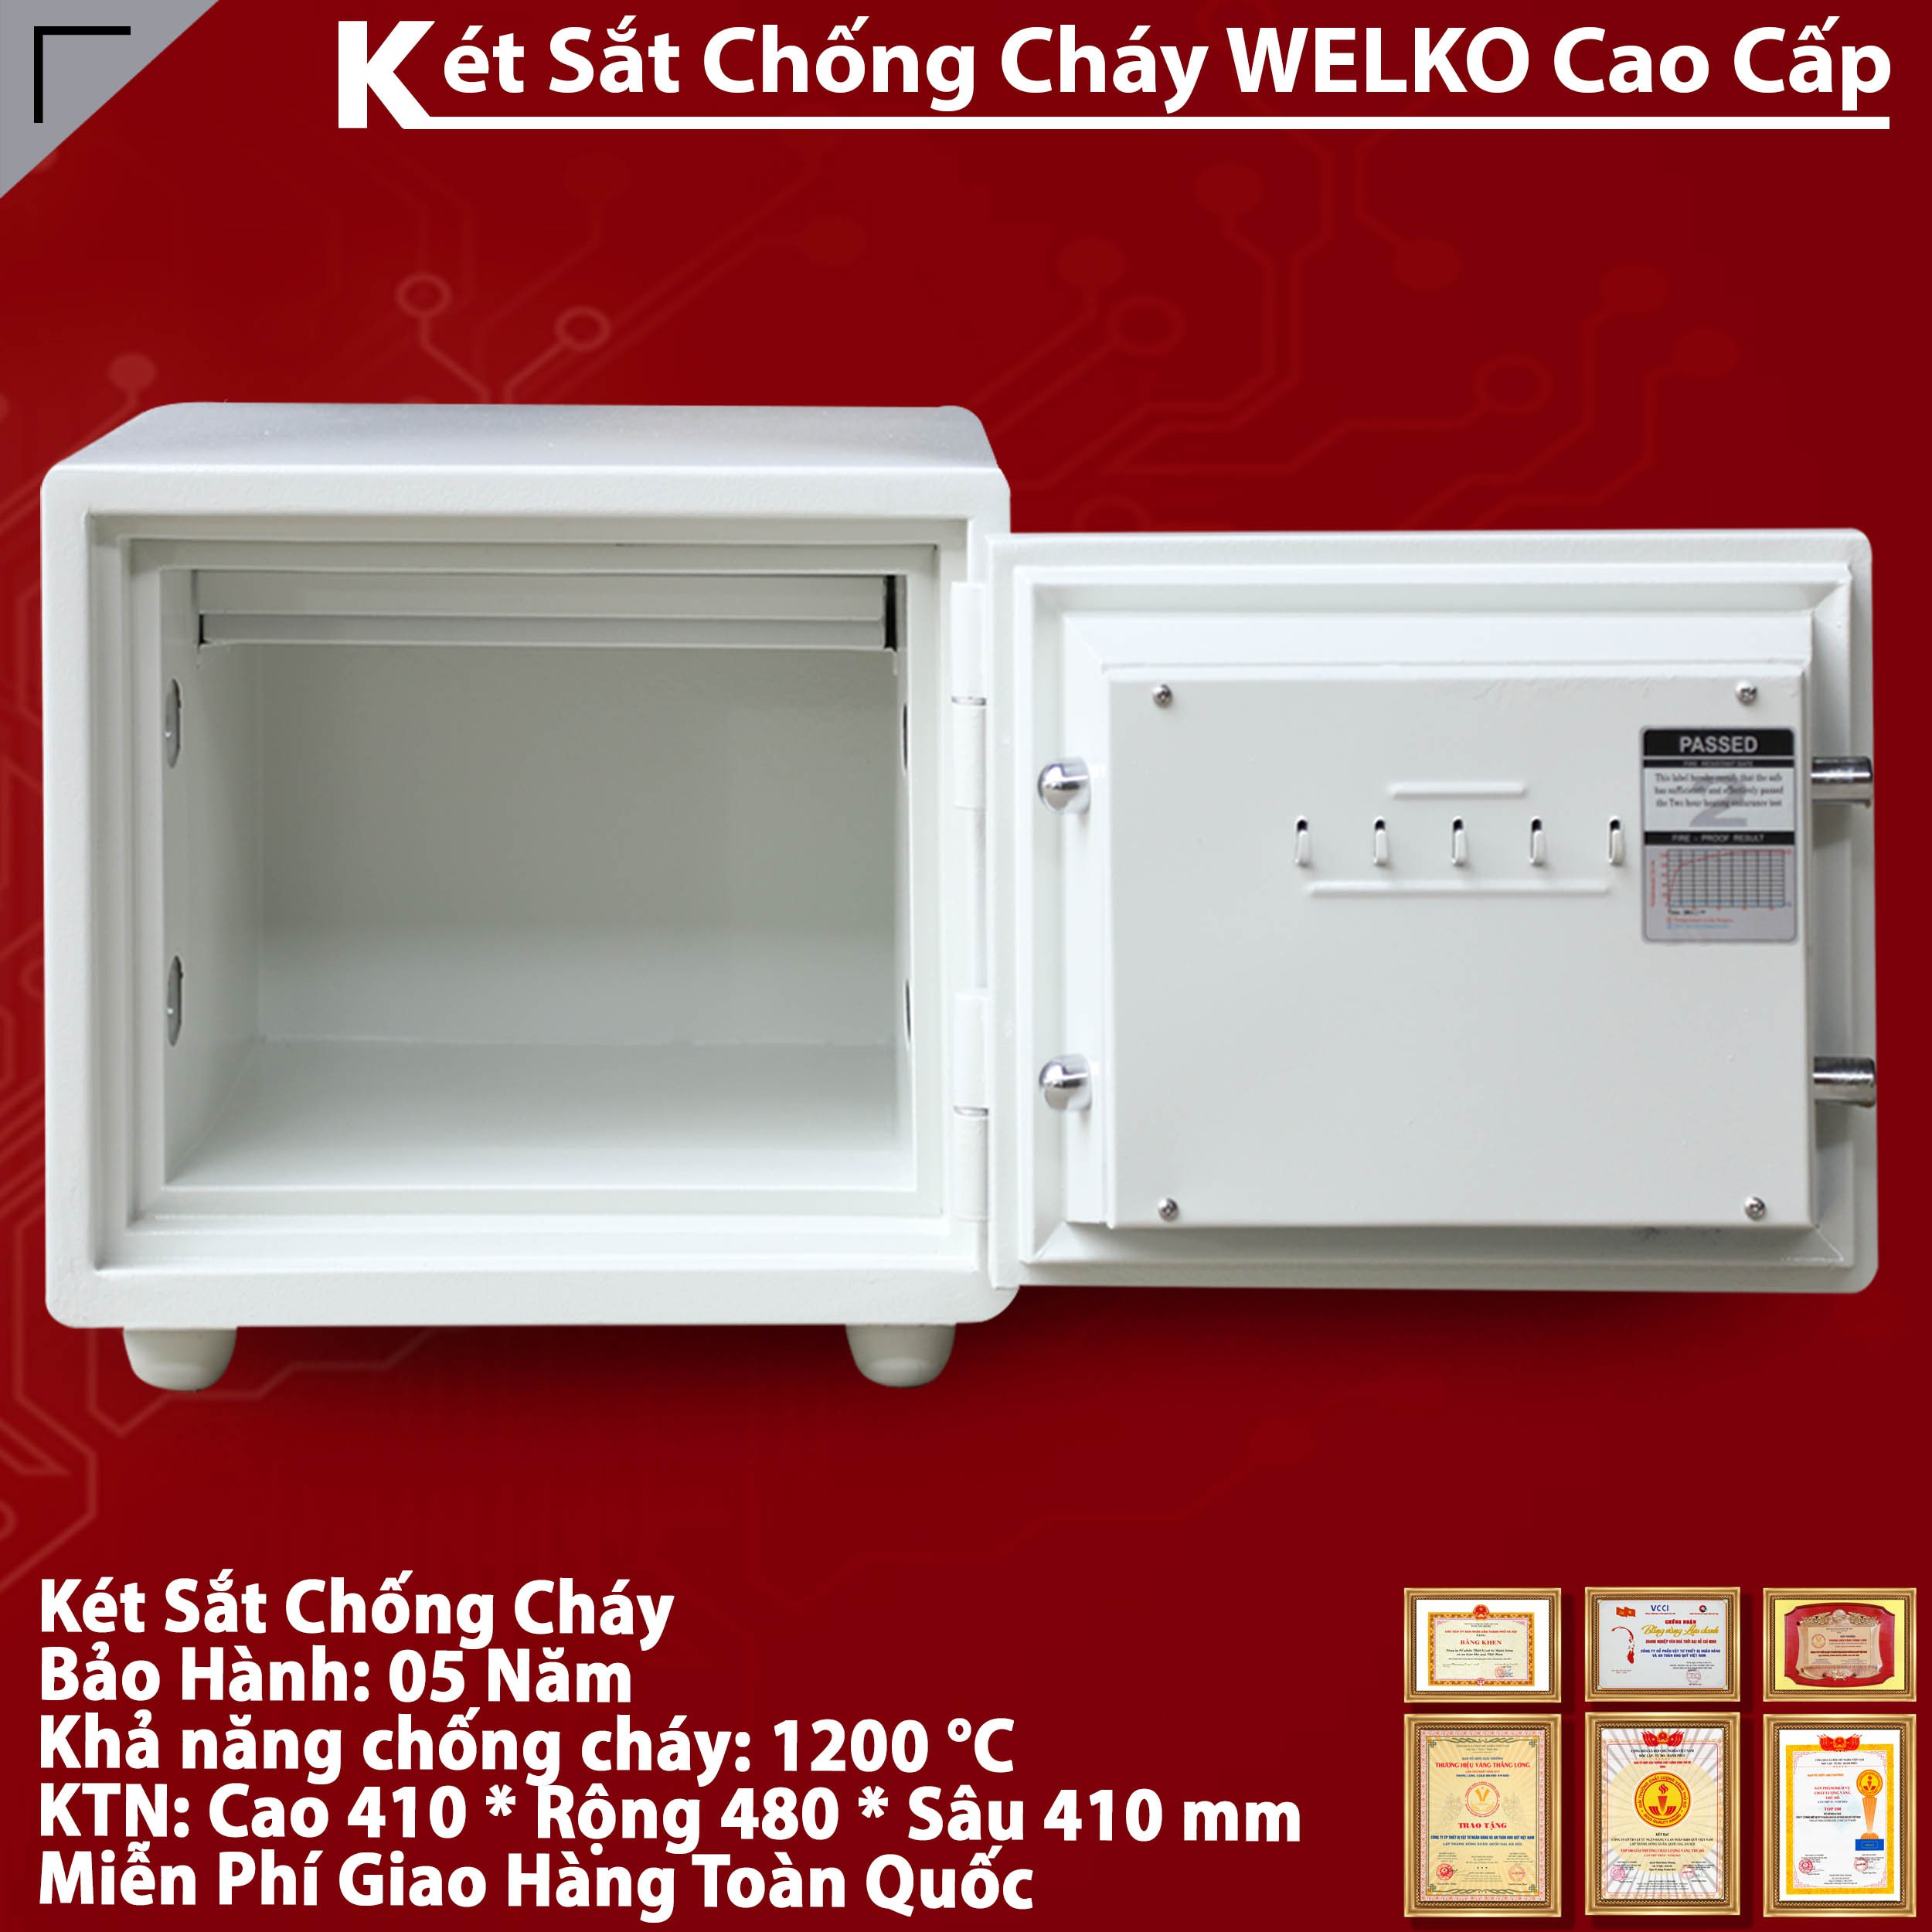 Ket Sat Tong Thong Cao Cap